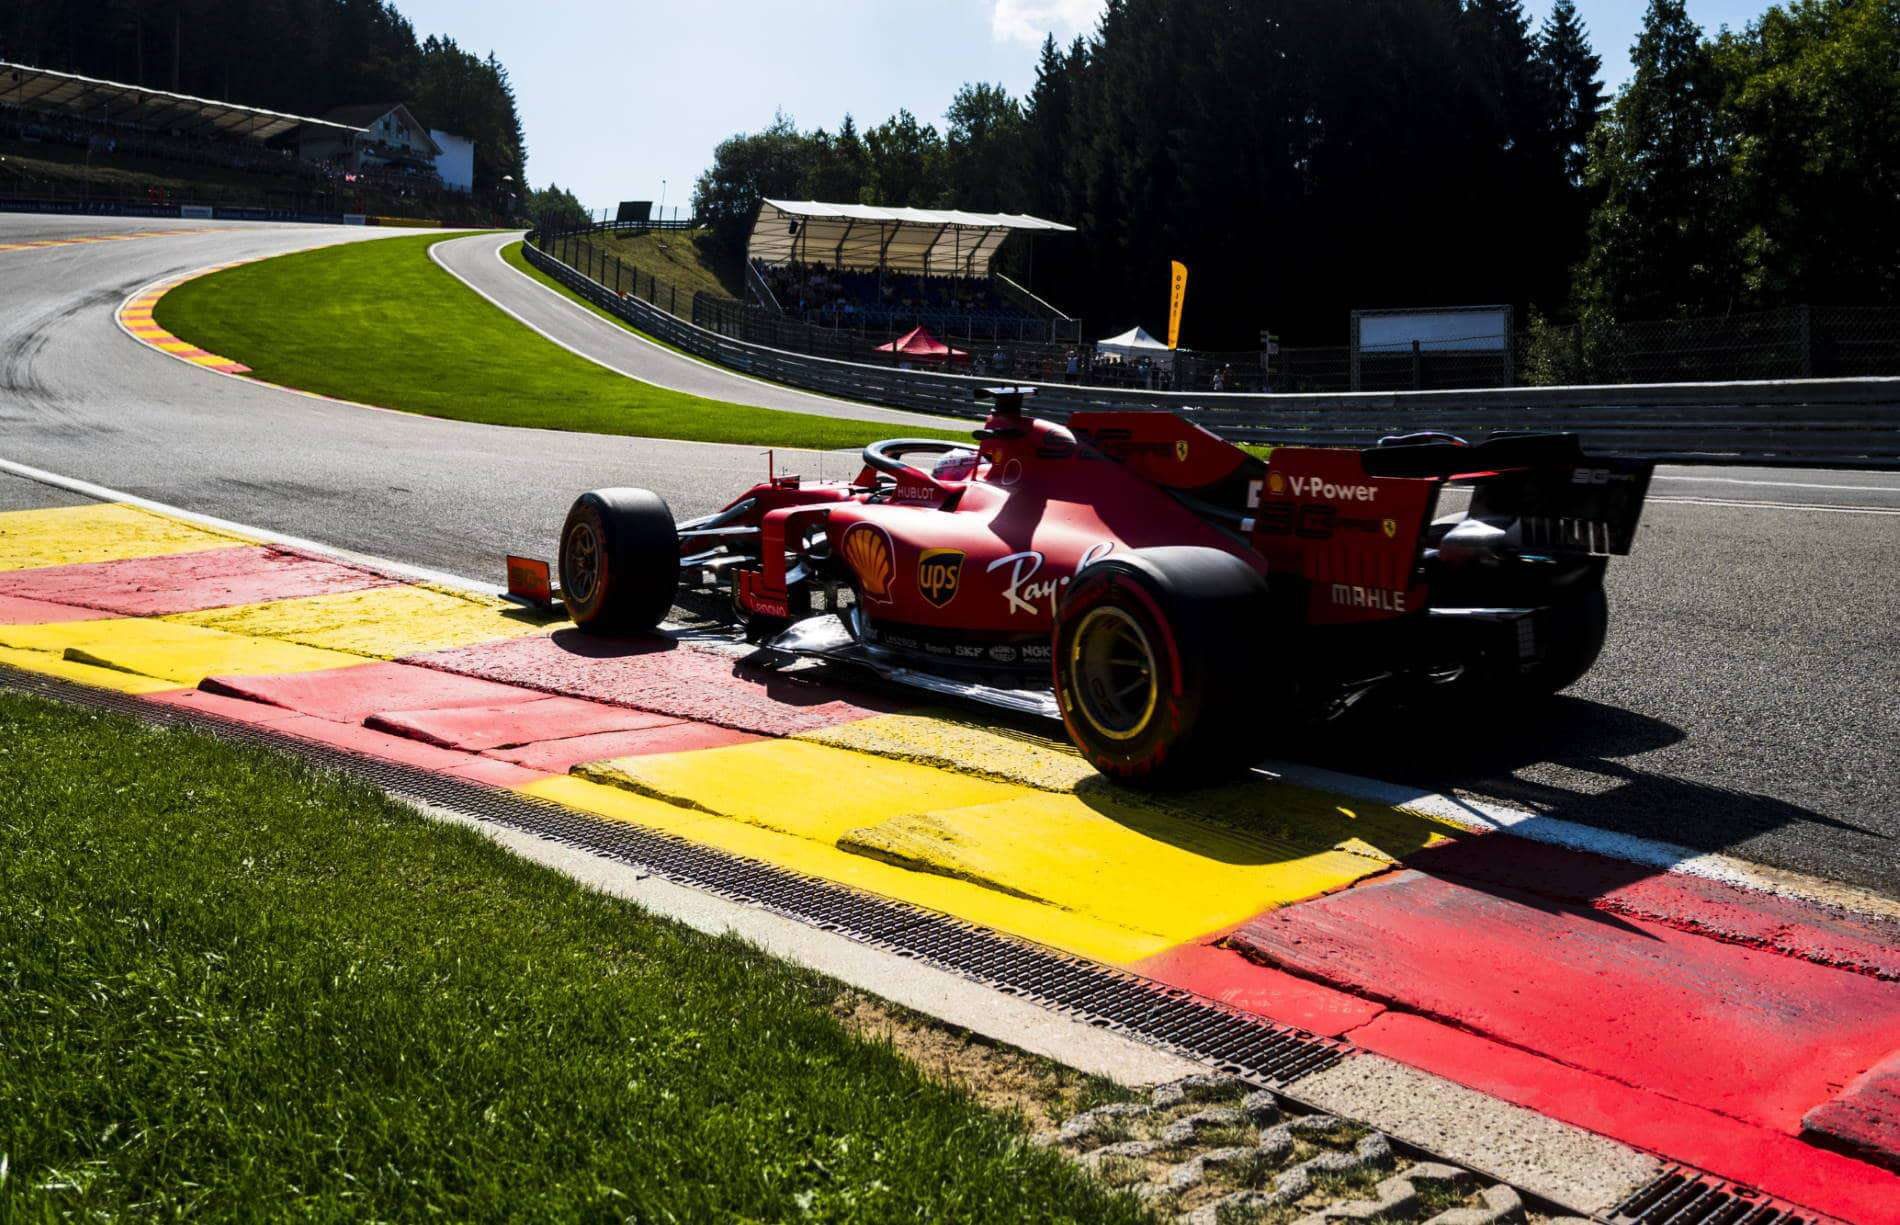 Sebastian Vettel Ferrari Belgian GP F1 2019 Eau Rouge Photo Ferrari